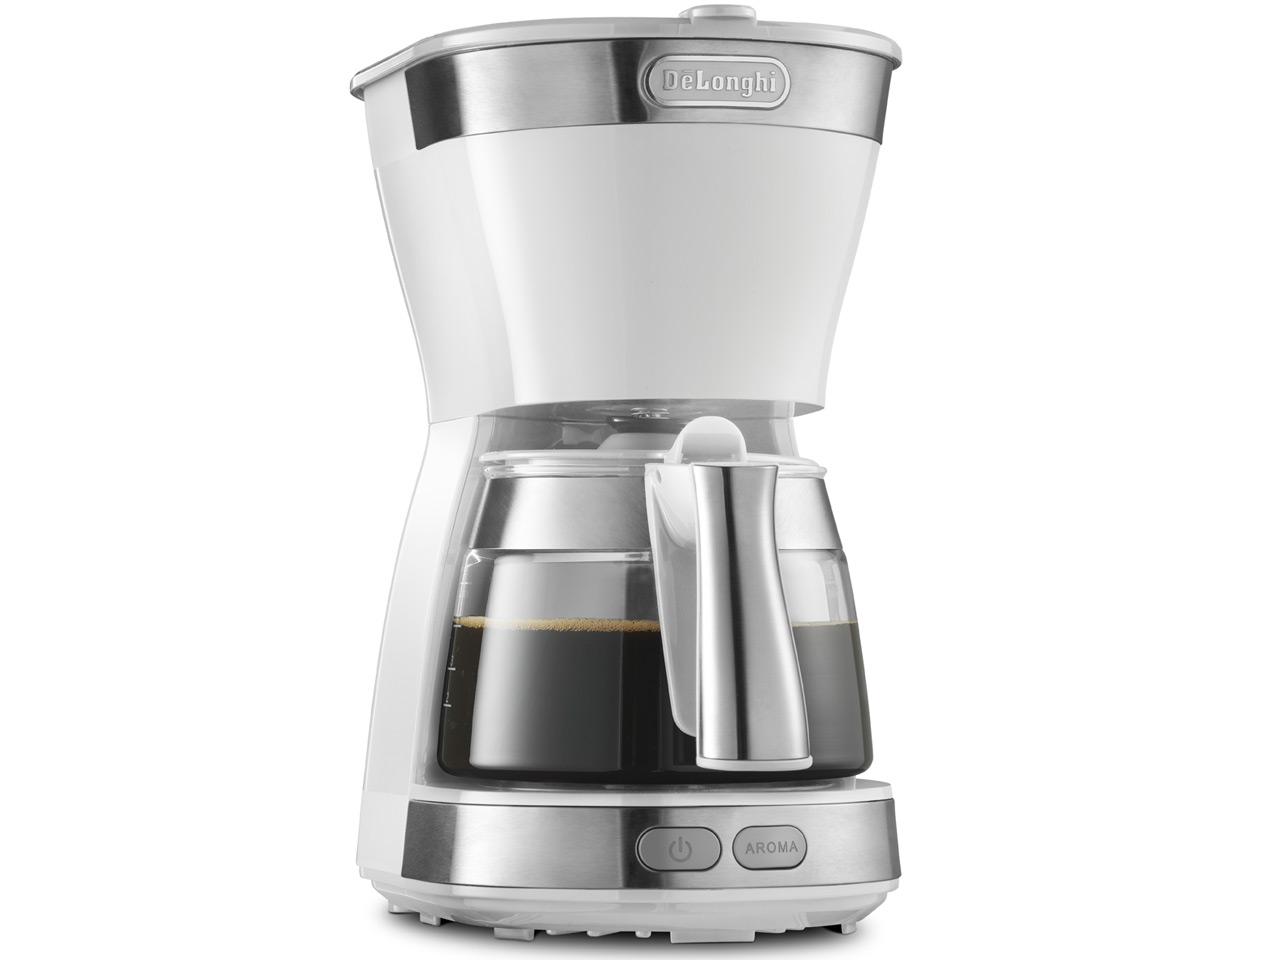 【デロンギ】アクティブ ドリップコーヒーメーカー トゥルーホワイト ICM12011J-W